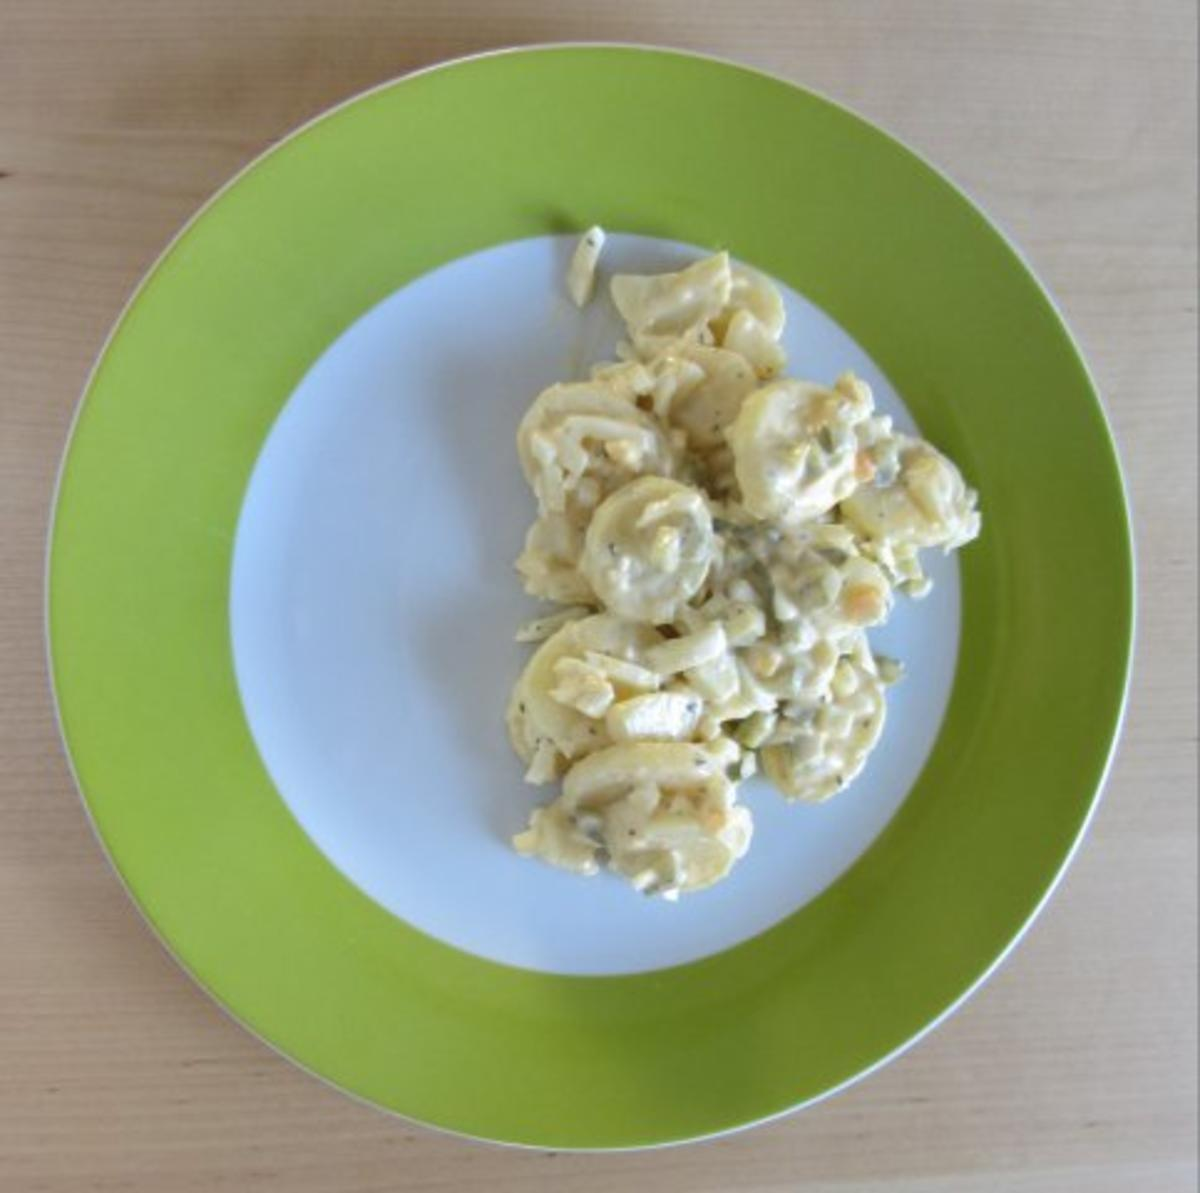 kartoffelsalat mit kartoffel und eier rezept mit bild. Black Bedroom Furniture Sets. Home Design Ideas